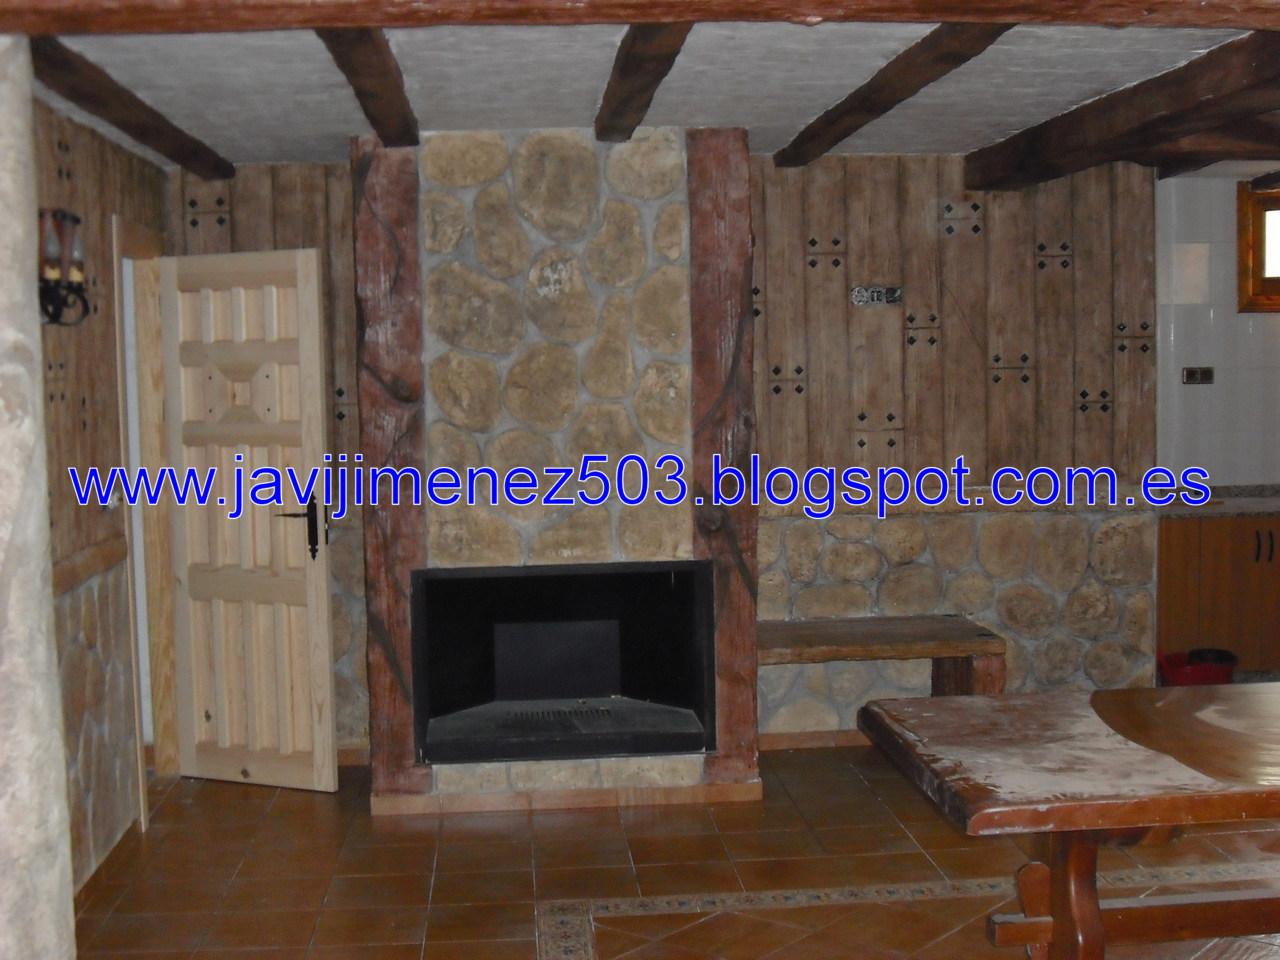 Piedras y maderas artificiales javier lude a tlf - Revestimiento piedra interior ...